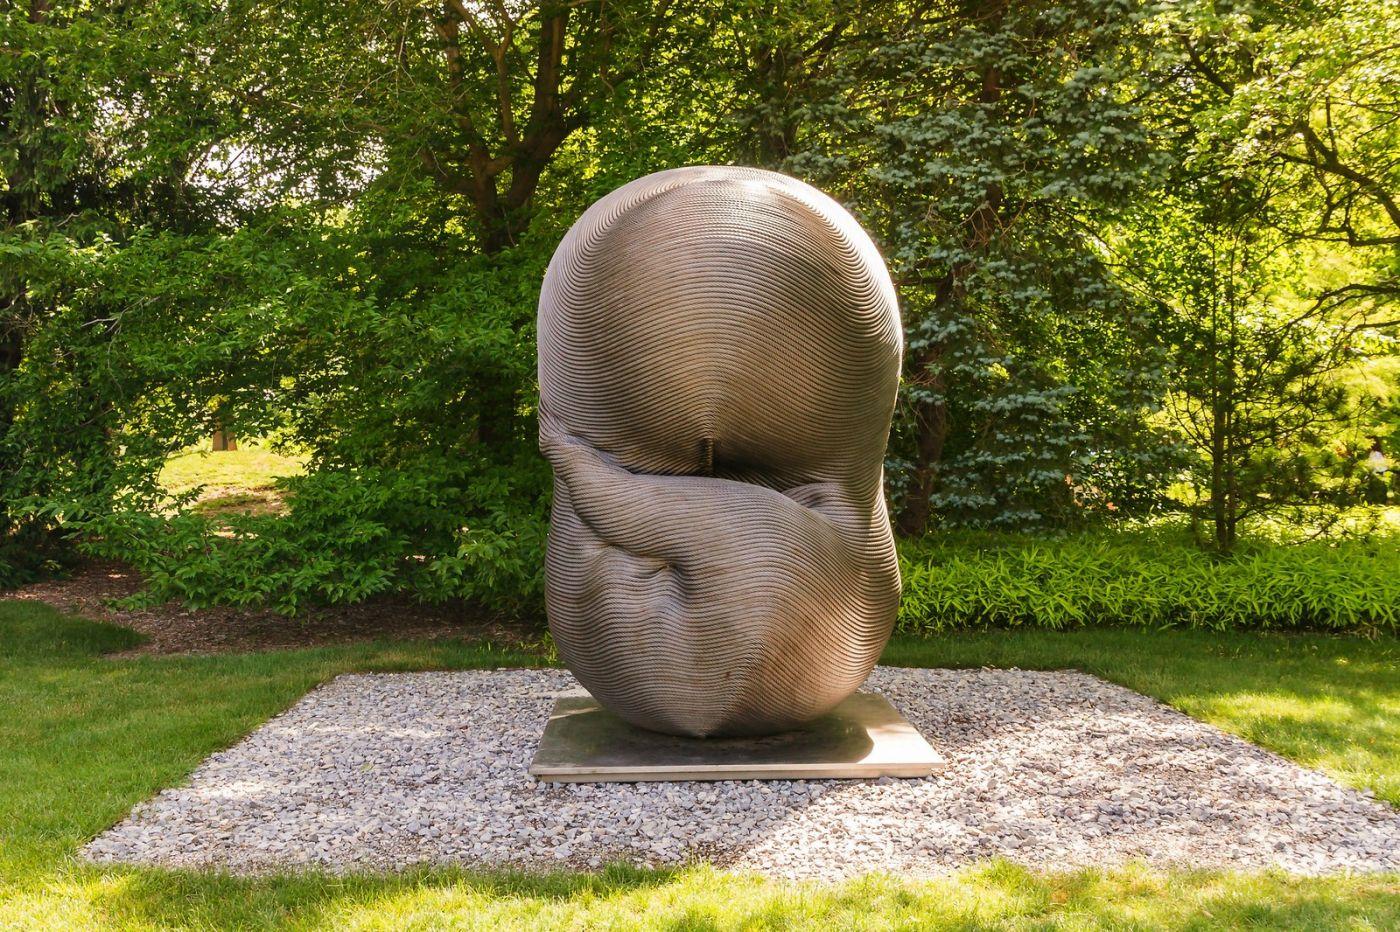 新泽西州雕塑公园(Grounds for scuplture),题材很广_图1-14